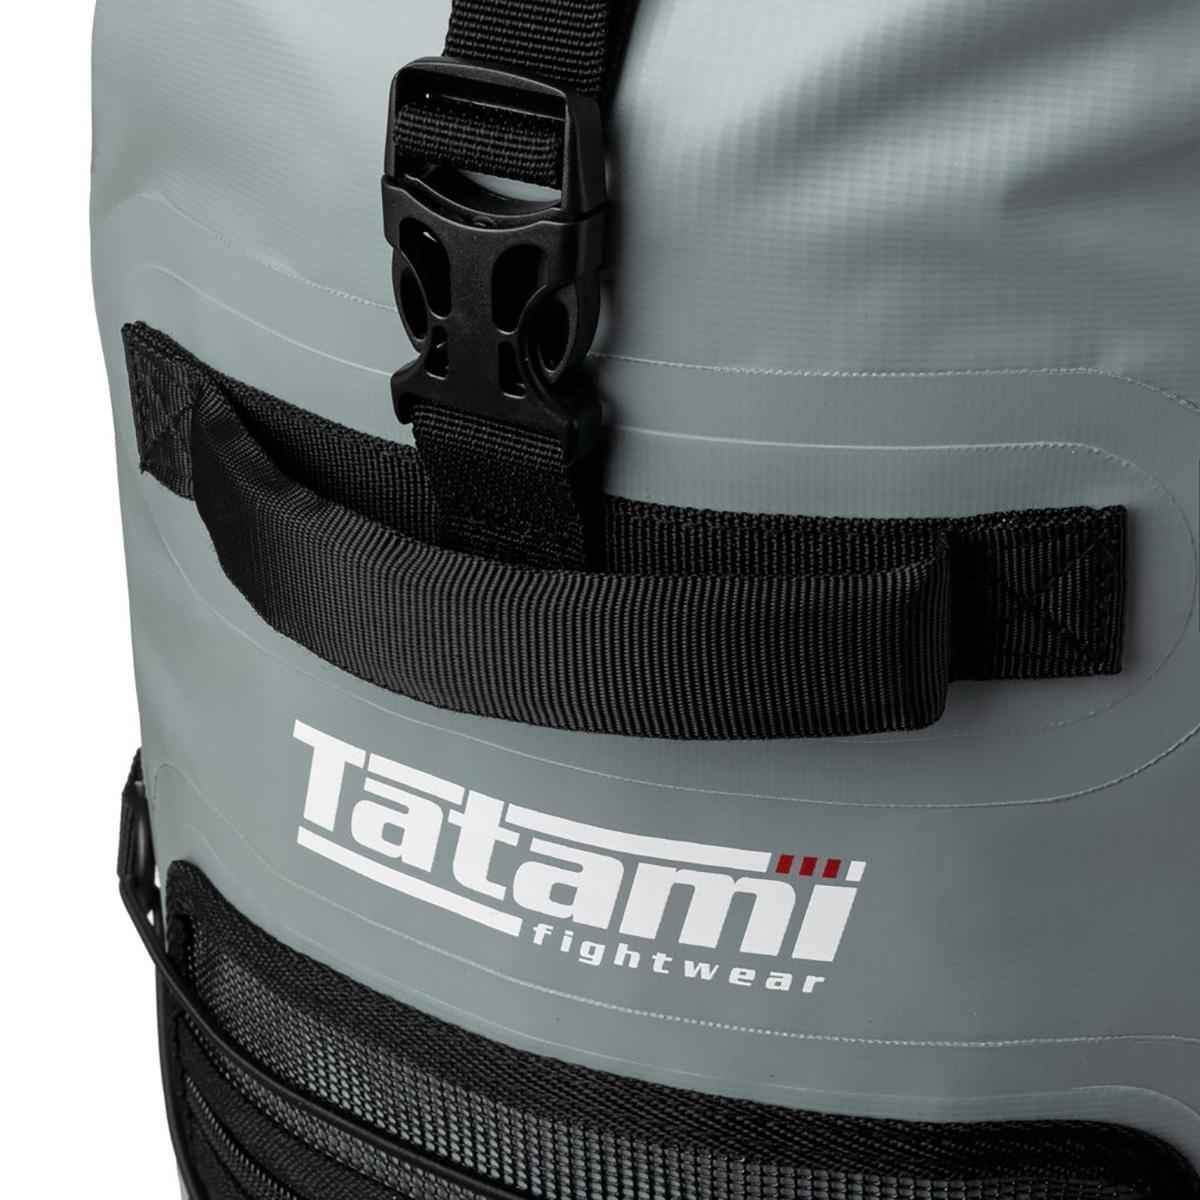 thumbnail 5 - Tatami-Fightwear-30L-Dry-Tech-Gear-Bag